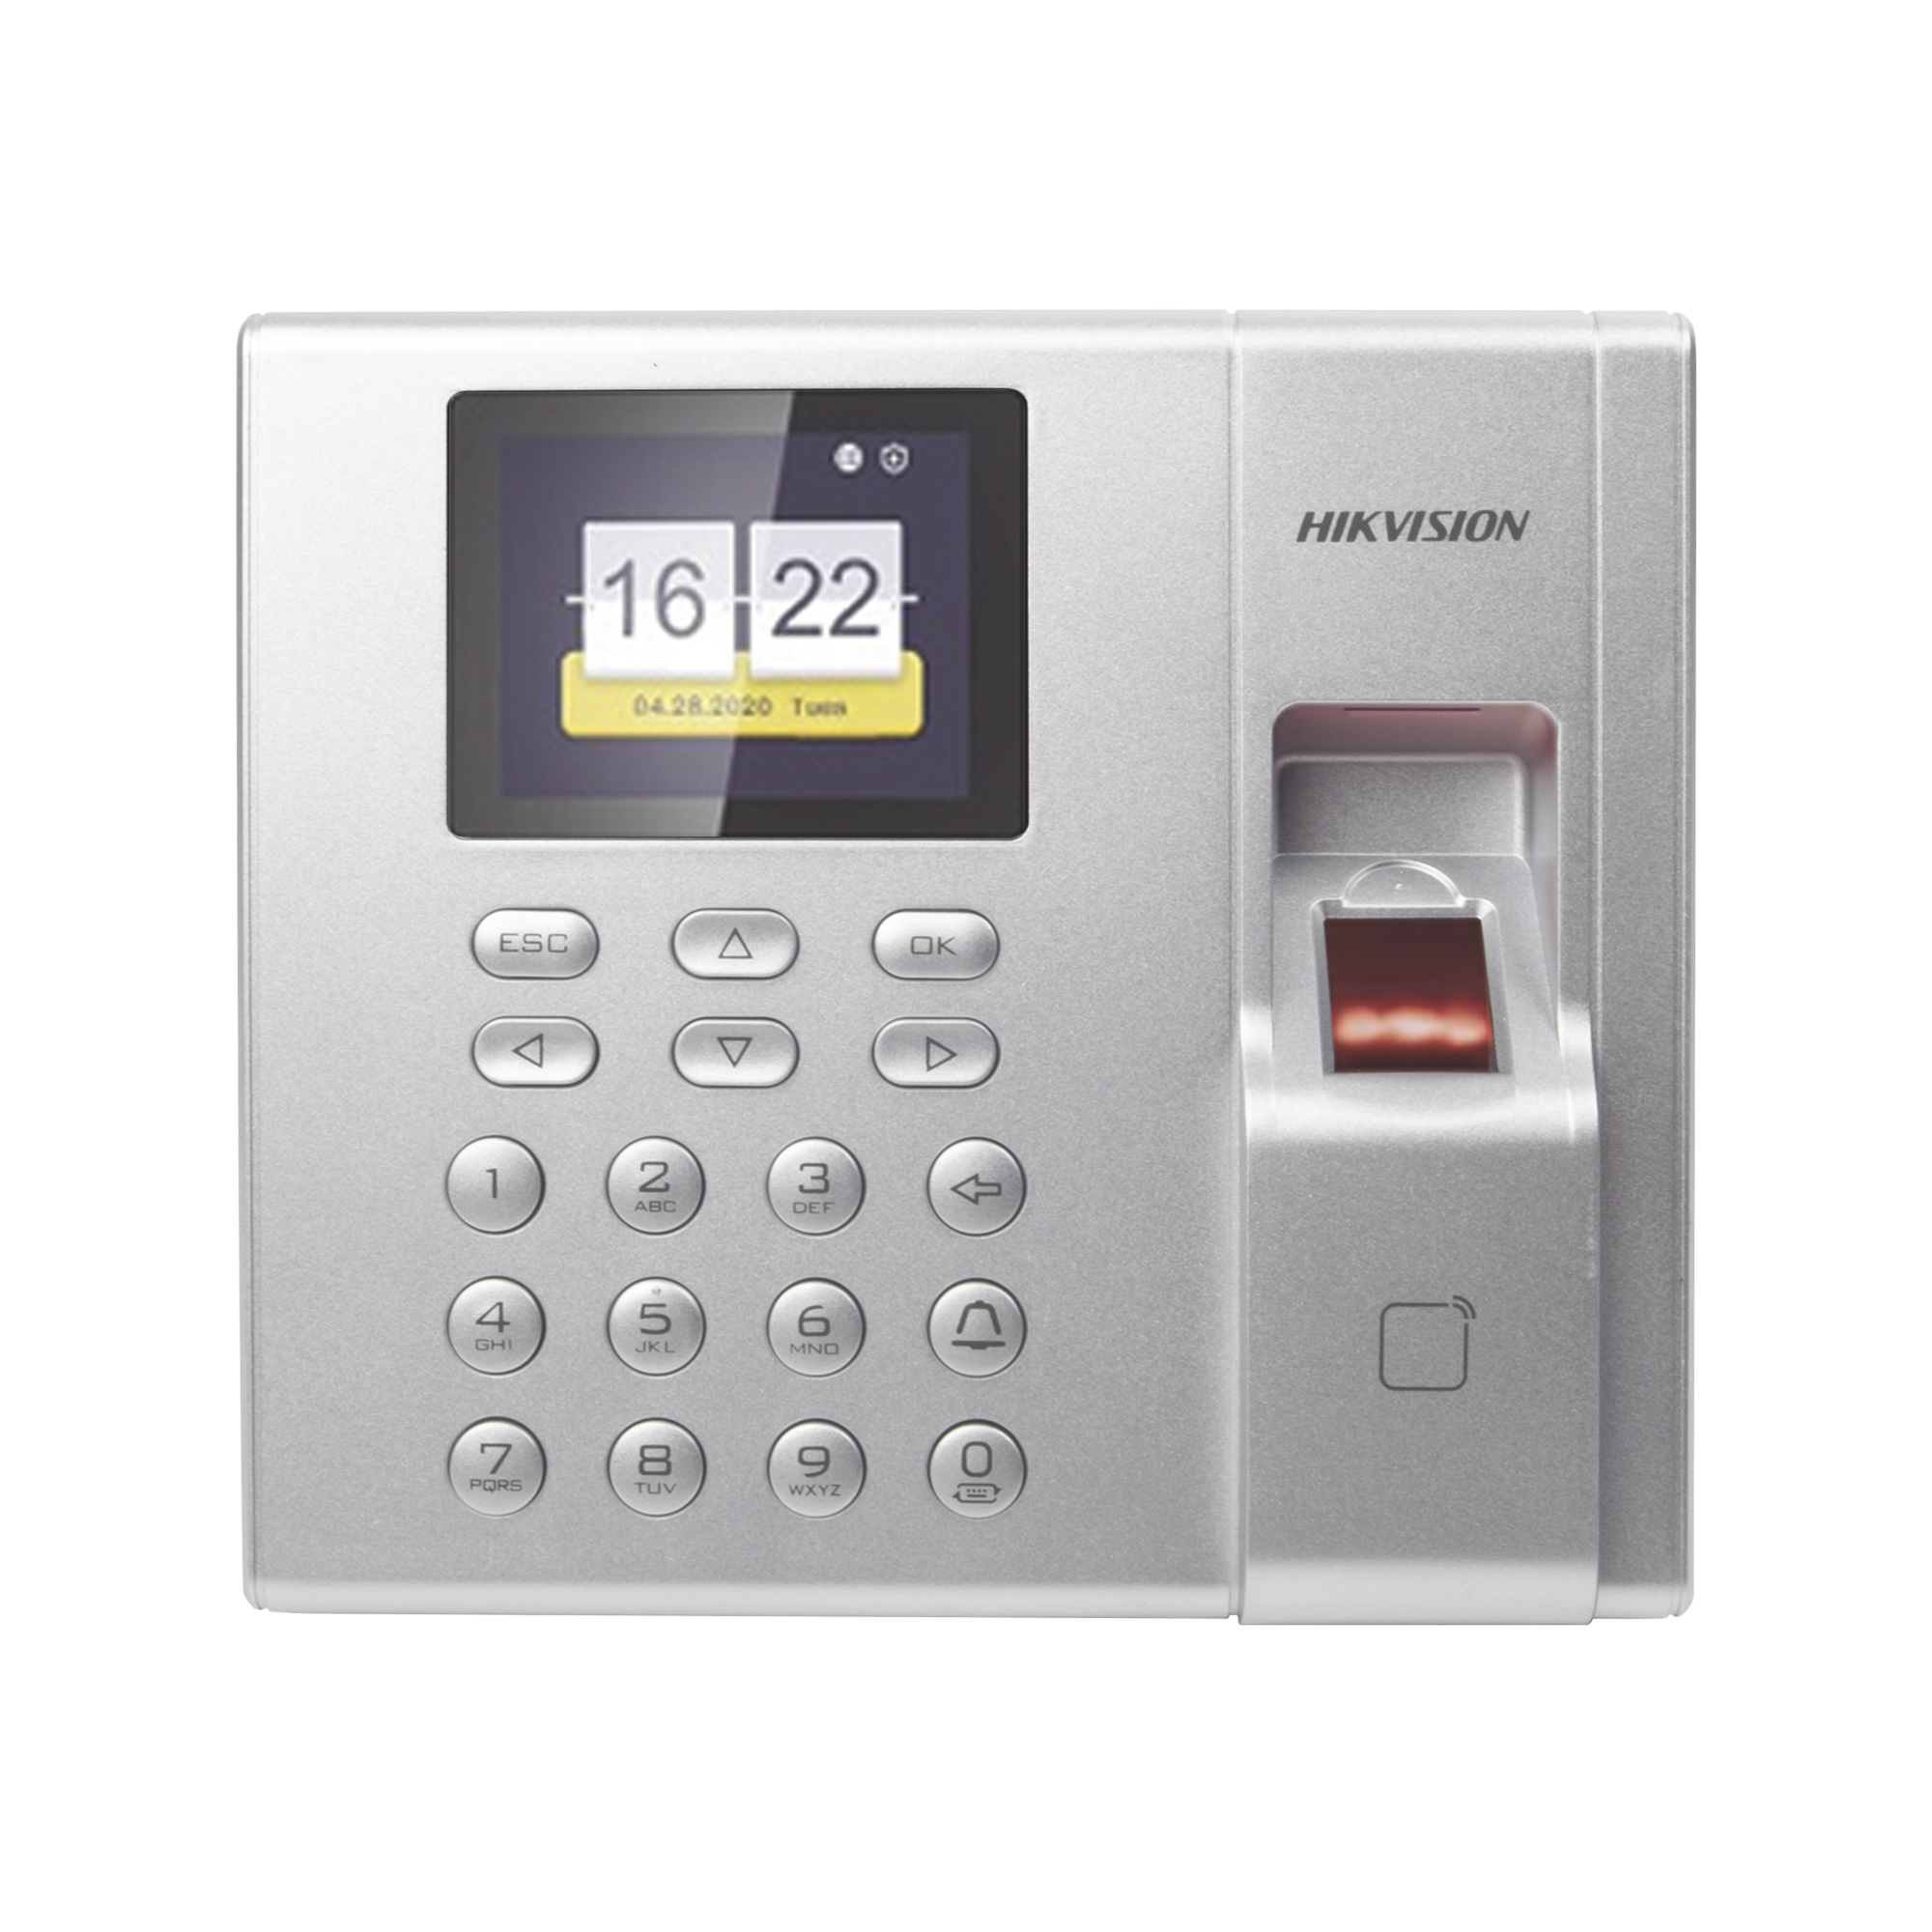 Terminal de Control de Acceso y Asistencia compatible con APP Hik-Connect (P2P) / Lectura de Huella y de Tarjetas EM / Soporta hasta 1000 Huellas / Relevador para Chapa / Software iVMS4200